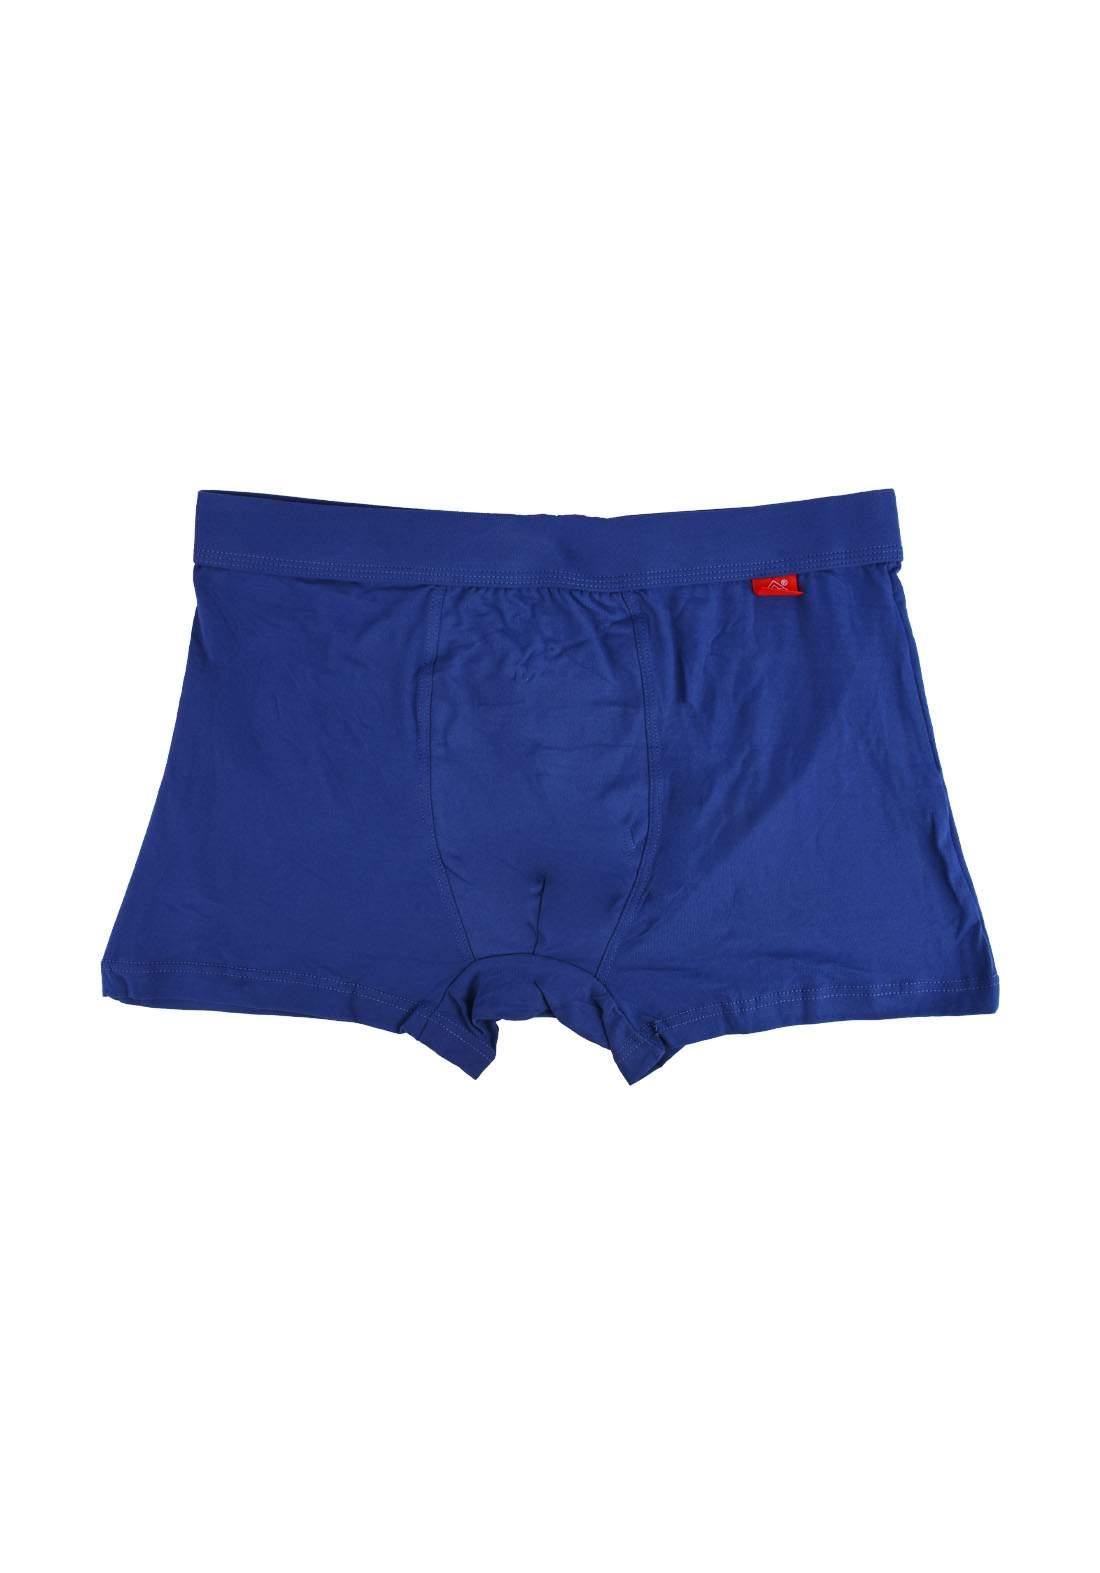 سروال داخلي رجالي ازرق اللون من MD